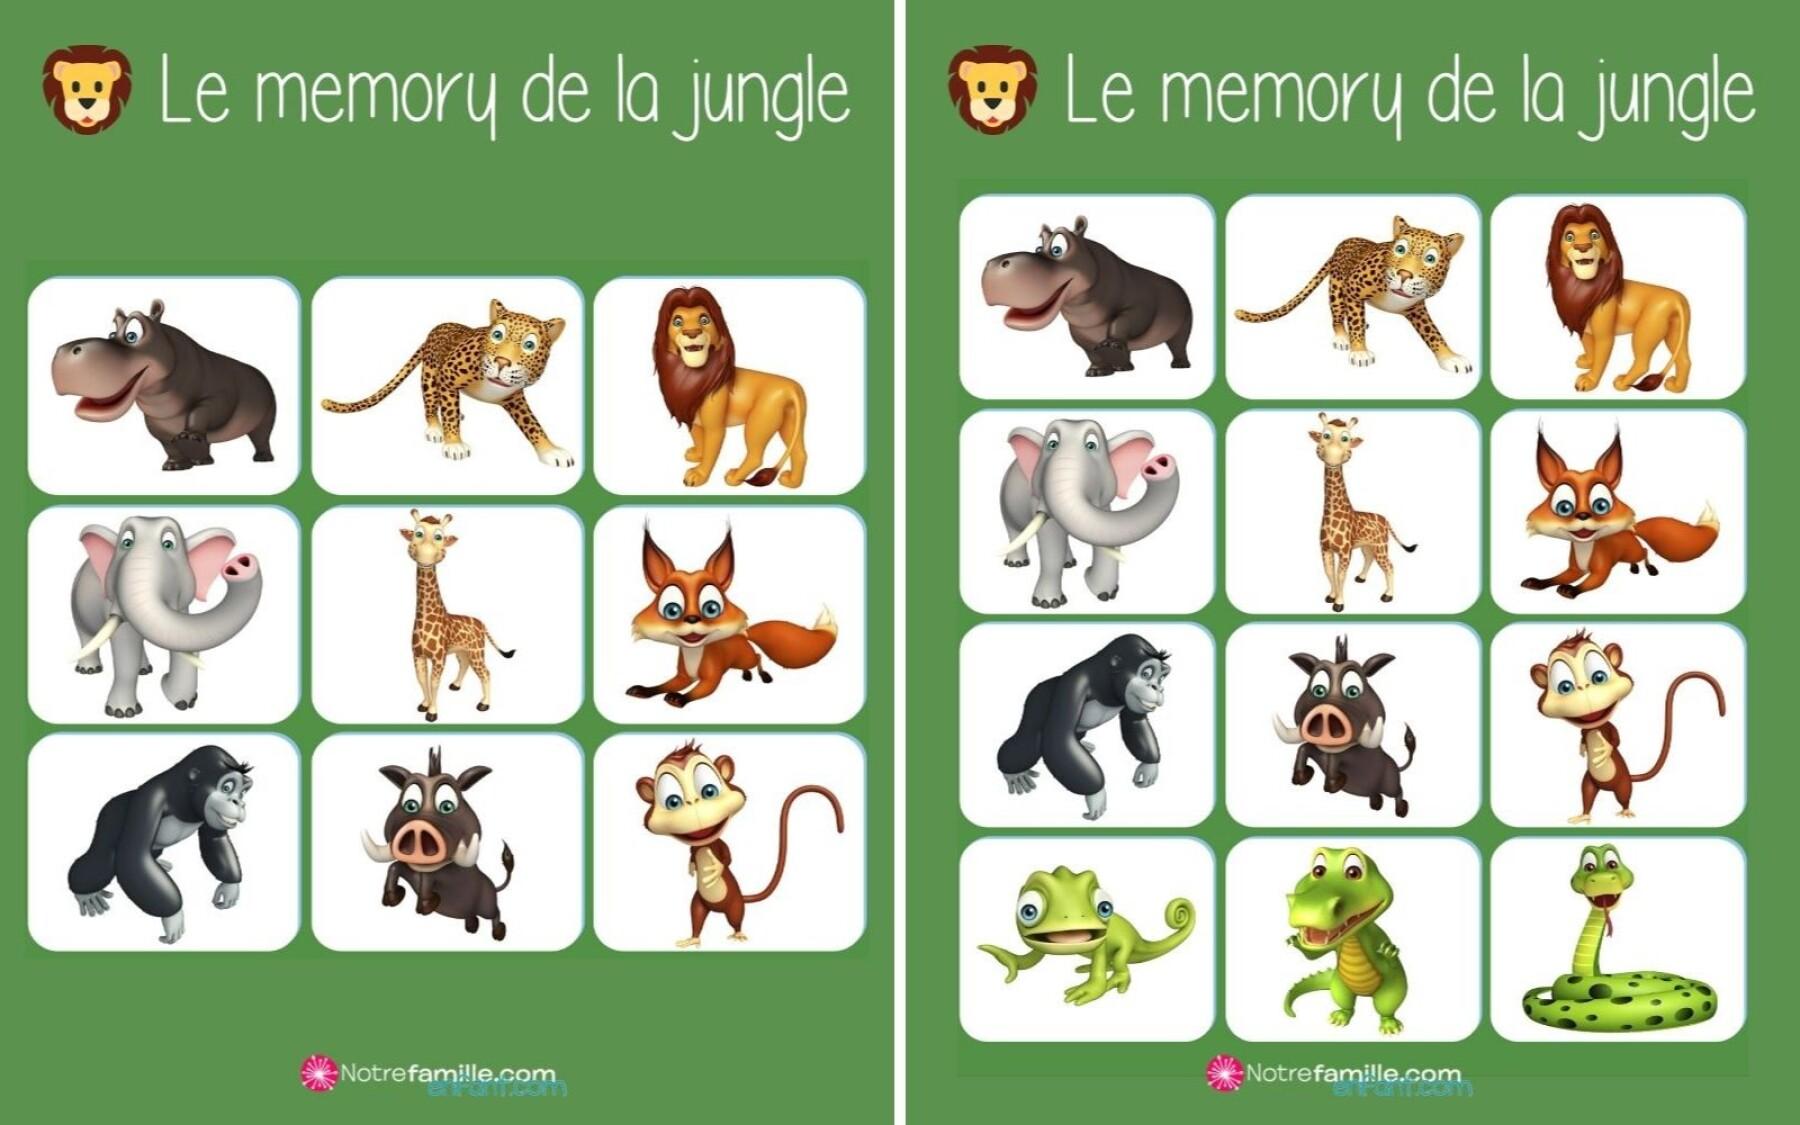 Memory de la jungle